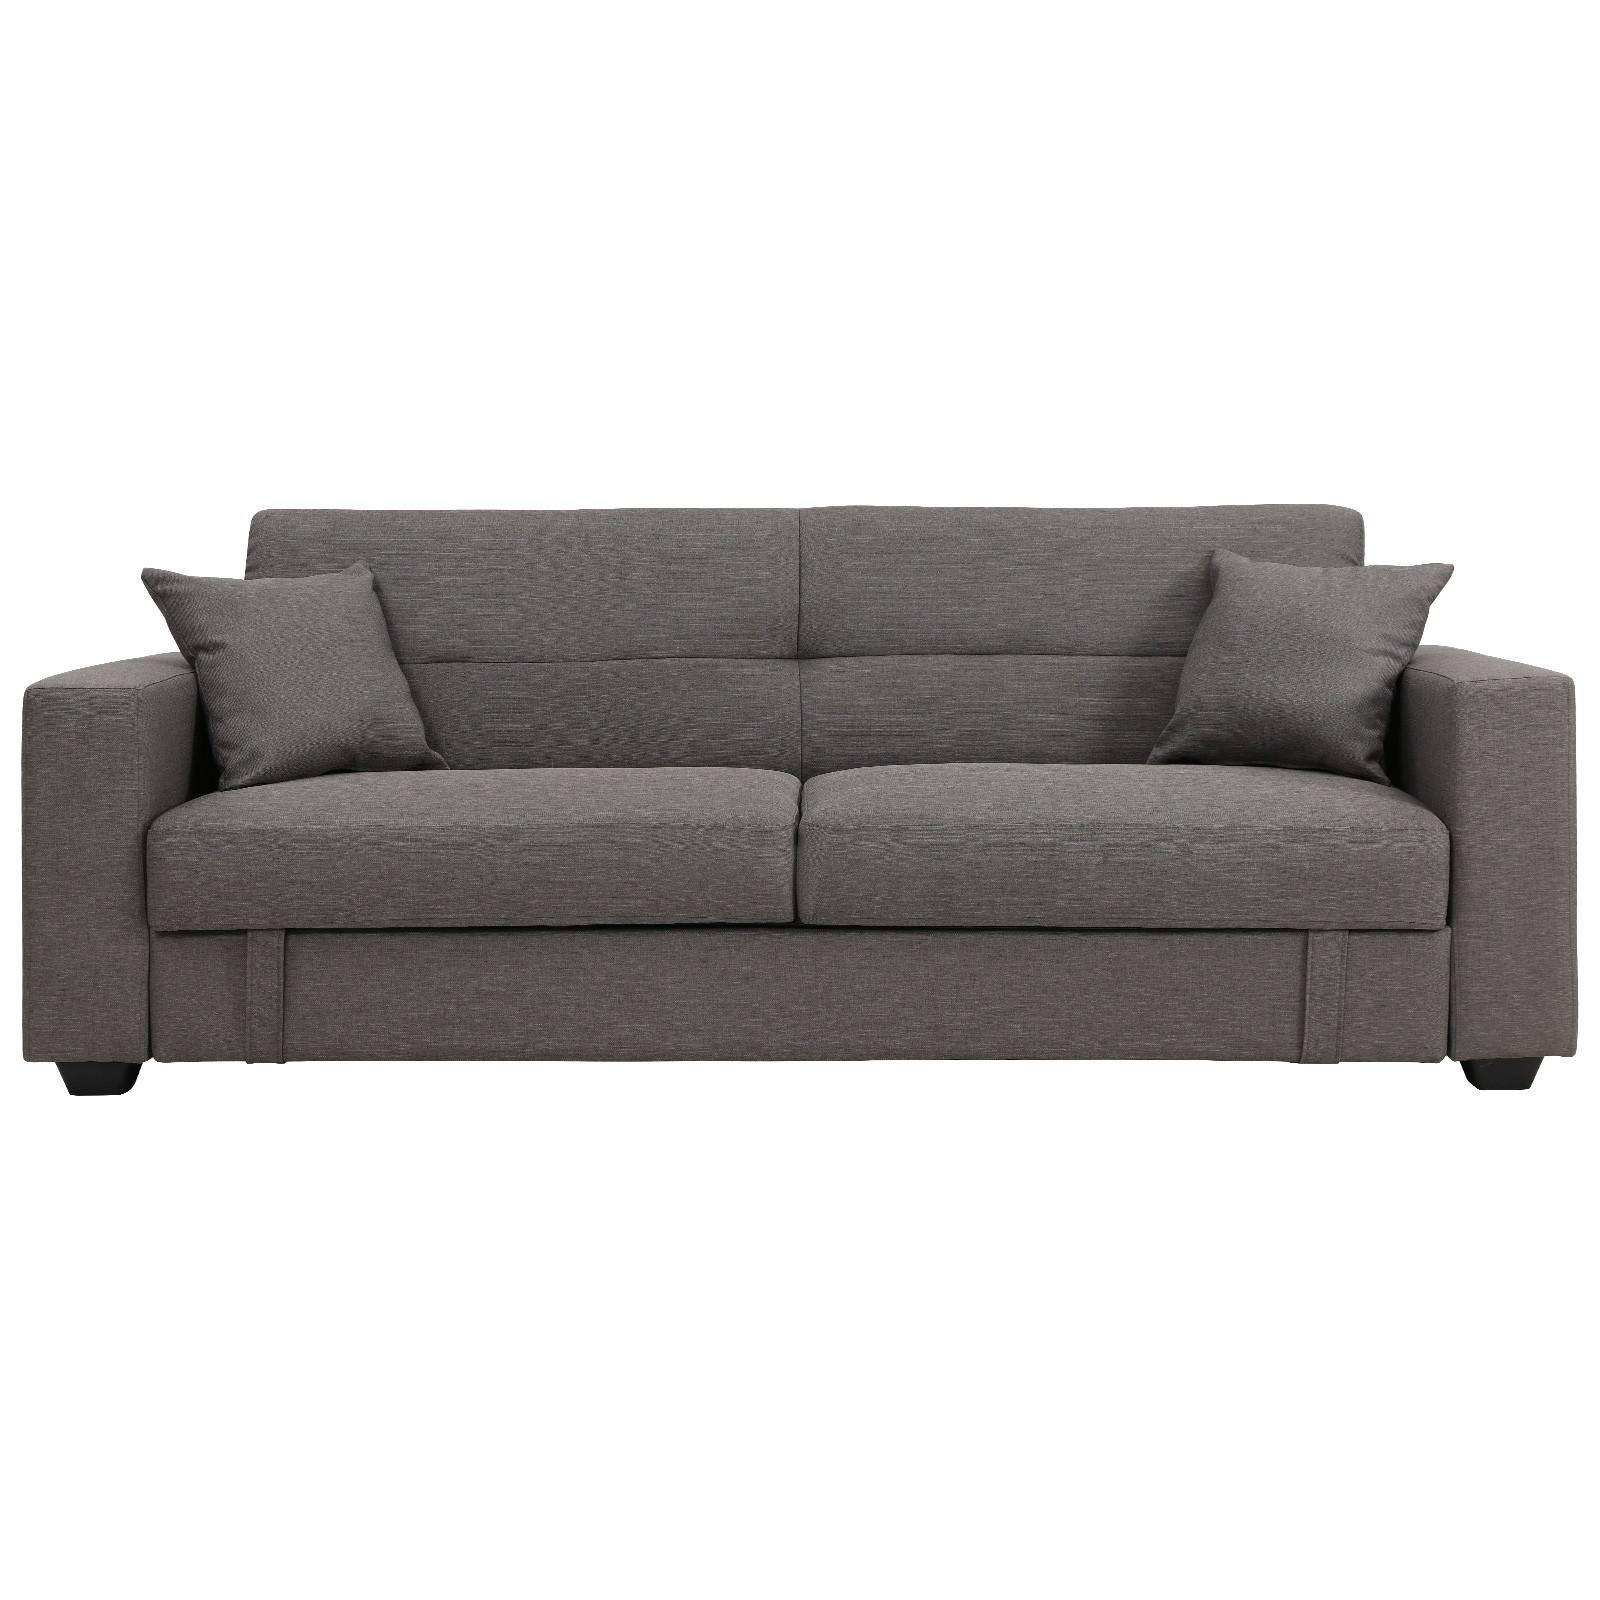 Erica Fabric Click Clack Sofa Bed, Grey